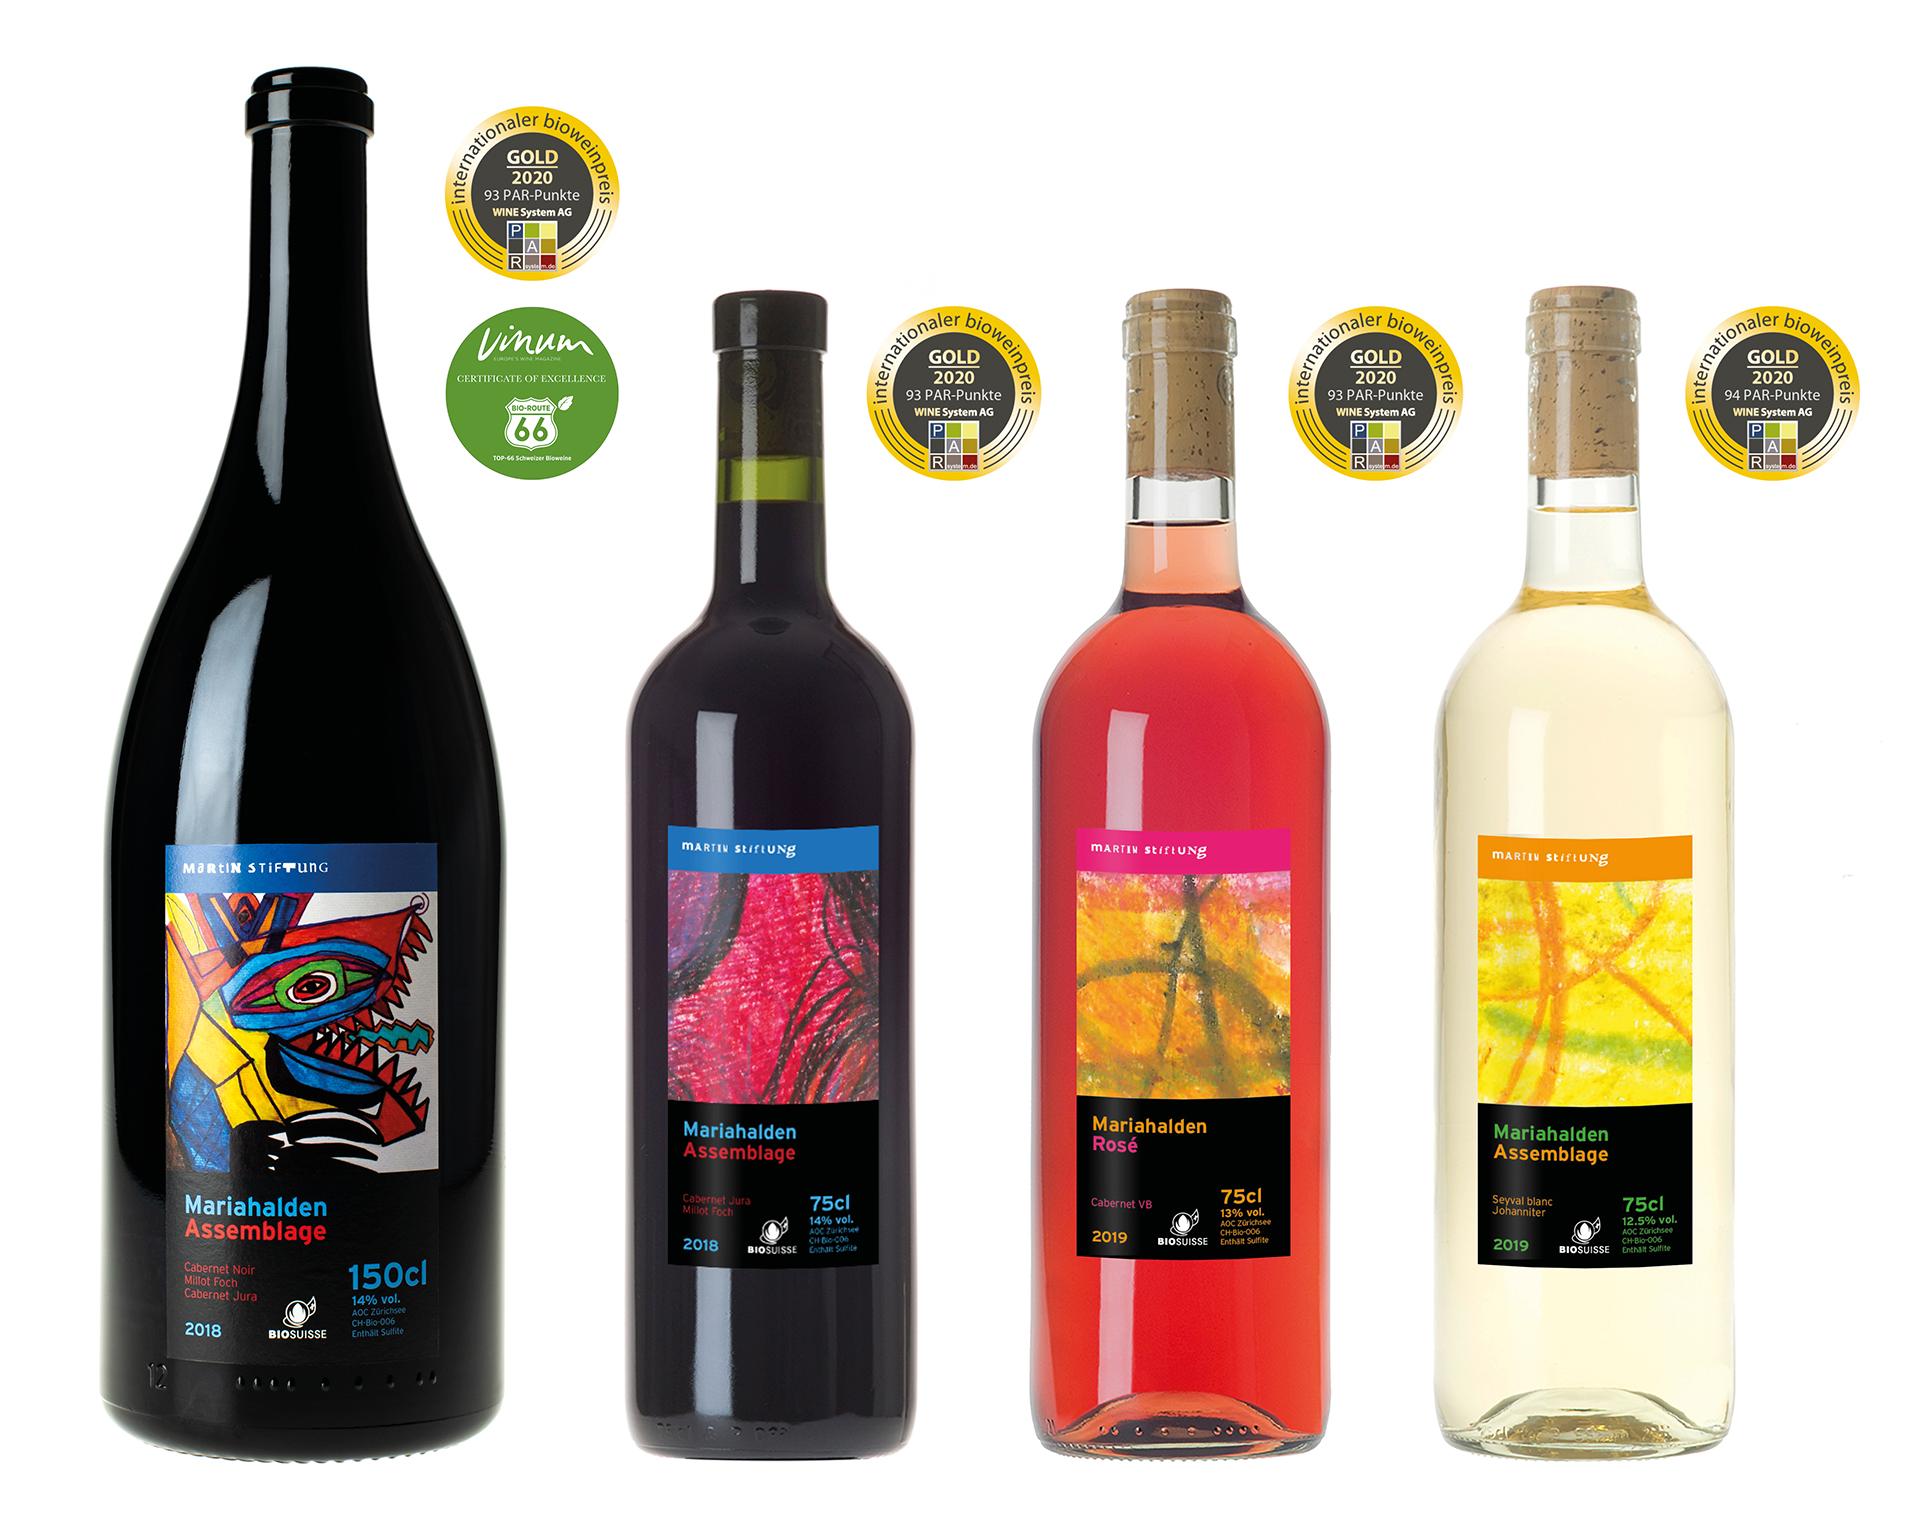 Weine der Martin Stiftung im Jahr 2020: Rotwein-Magnumflasche (125cl), Rotwein, Weisswein und Rosé - alle ausgezeichnet mit der Goldmedaille vom Internationalen Bioweinpreis